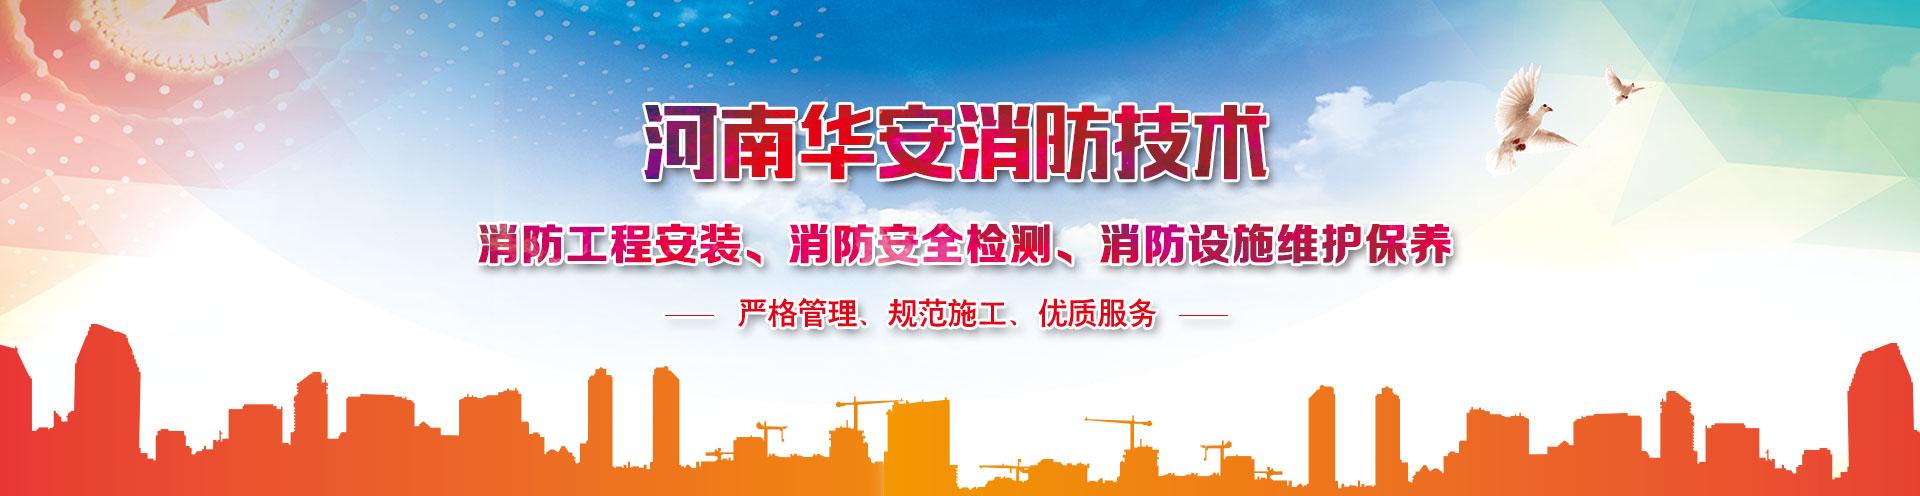 河南华安yabo亚博体育技术有限公司